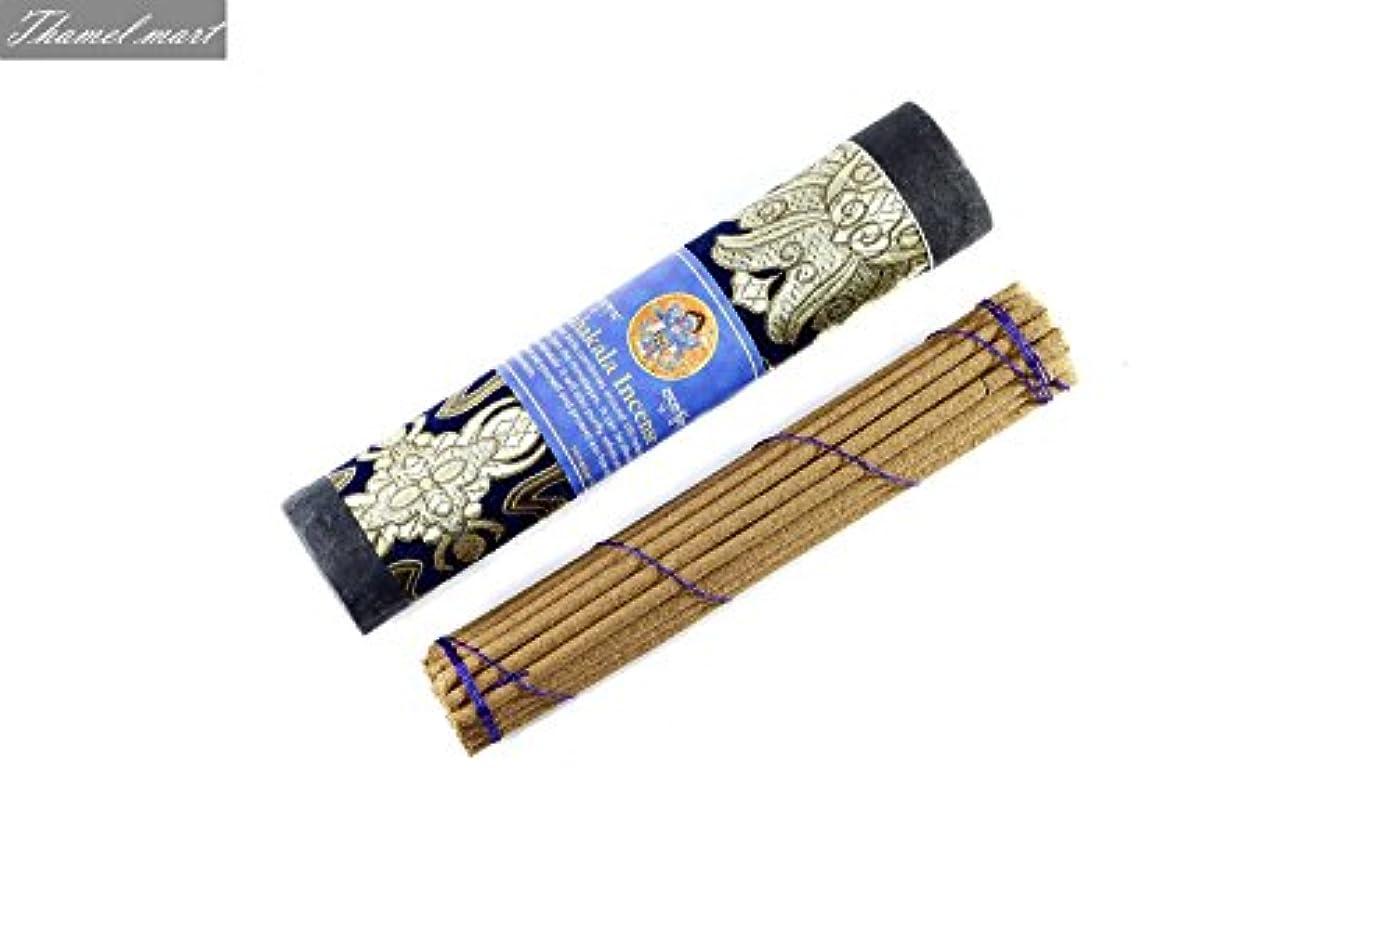 軽減コンセンサスサイトMahakala Incense Sticks - Spiritual & Medicinal Relaxation - More effective than Potpourris & Scented Oils